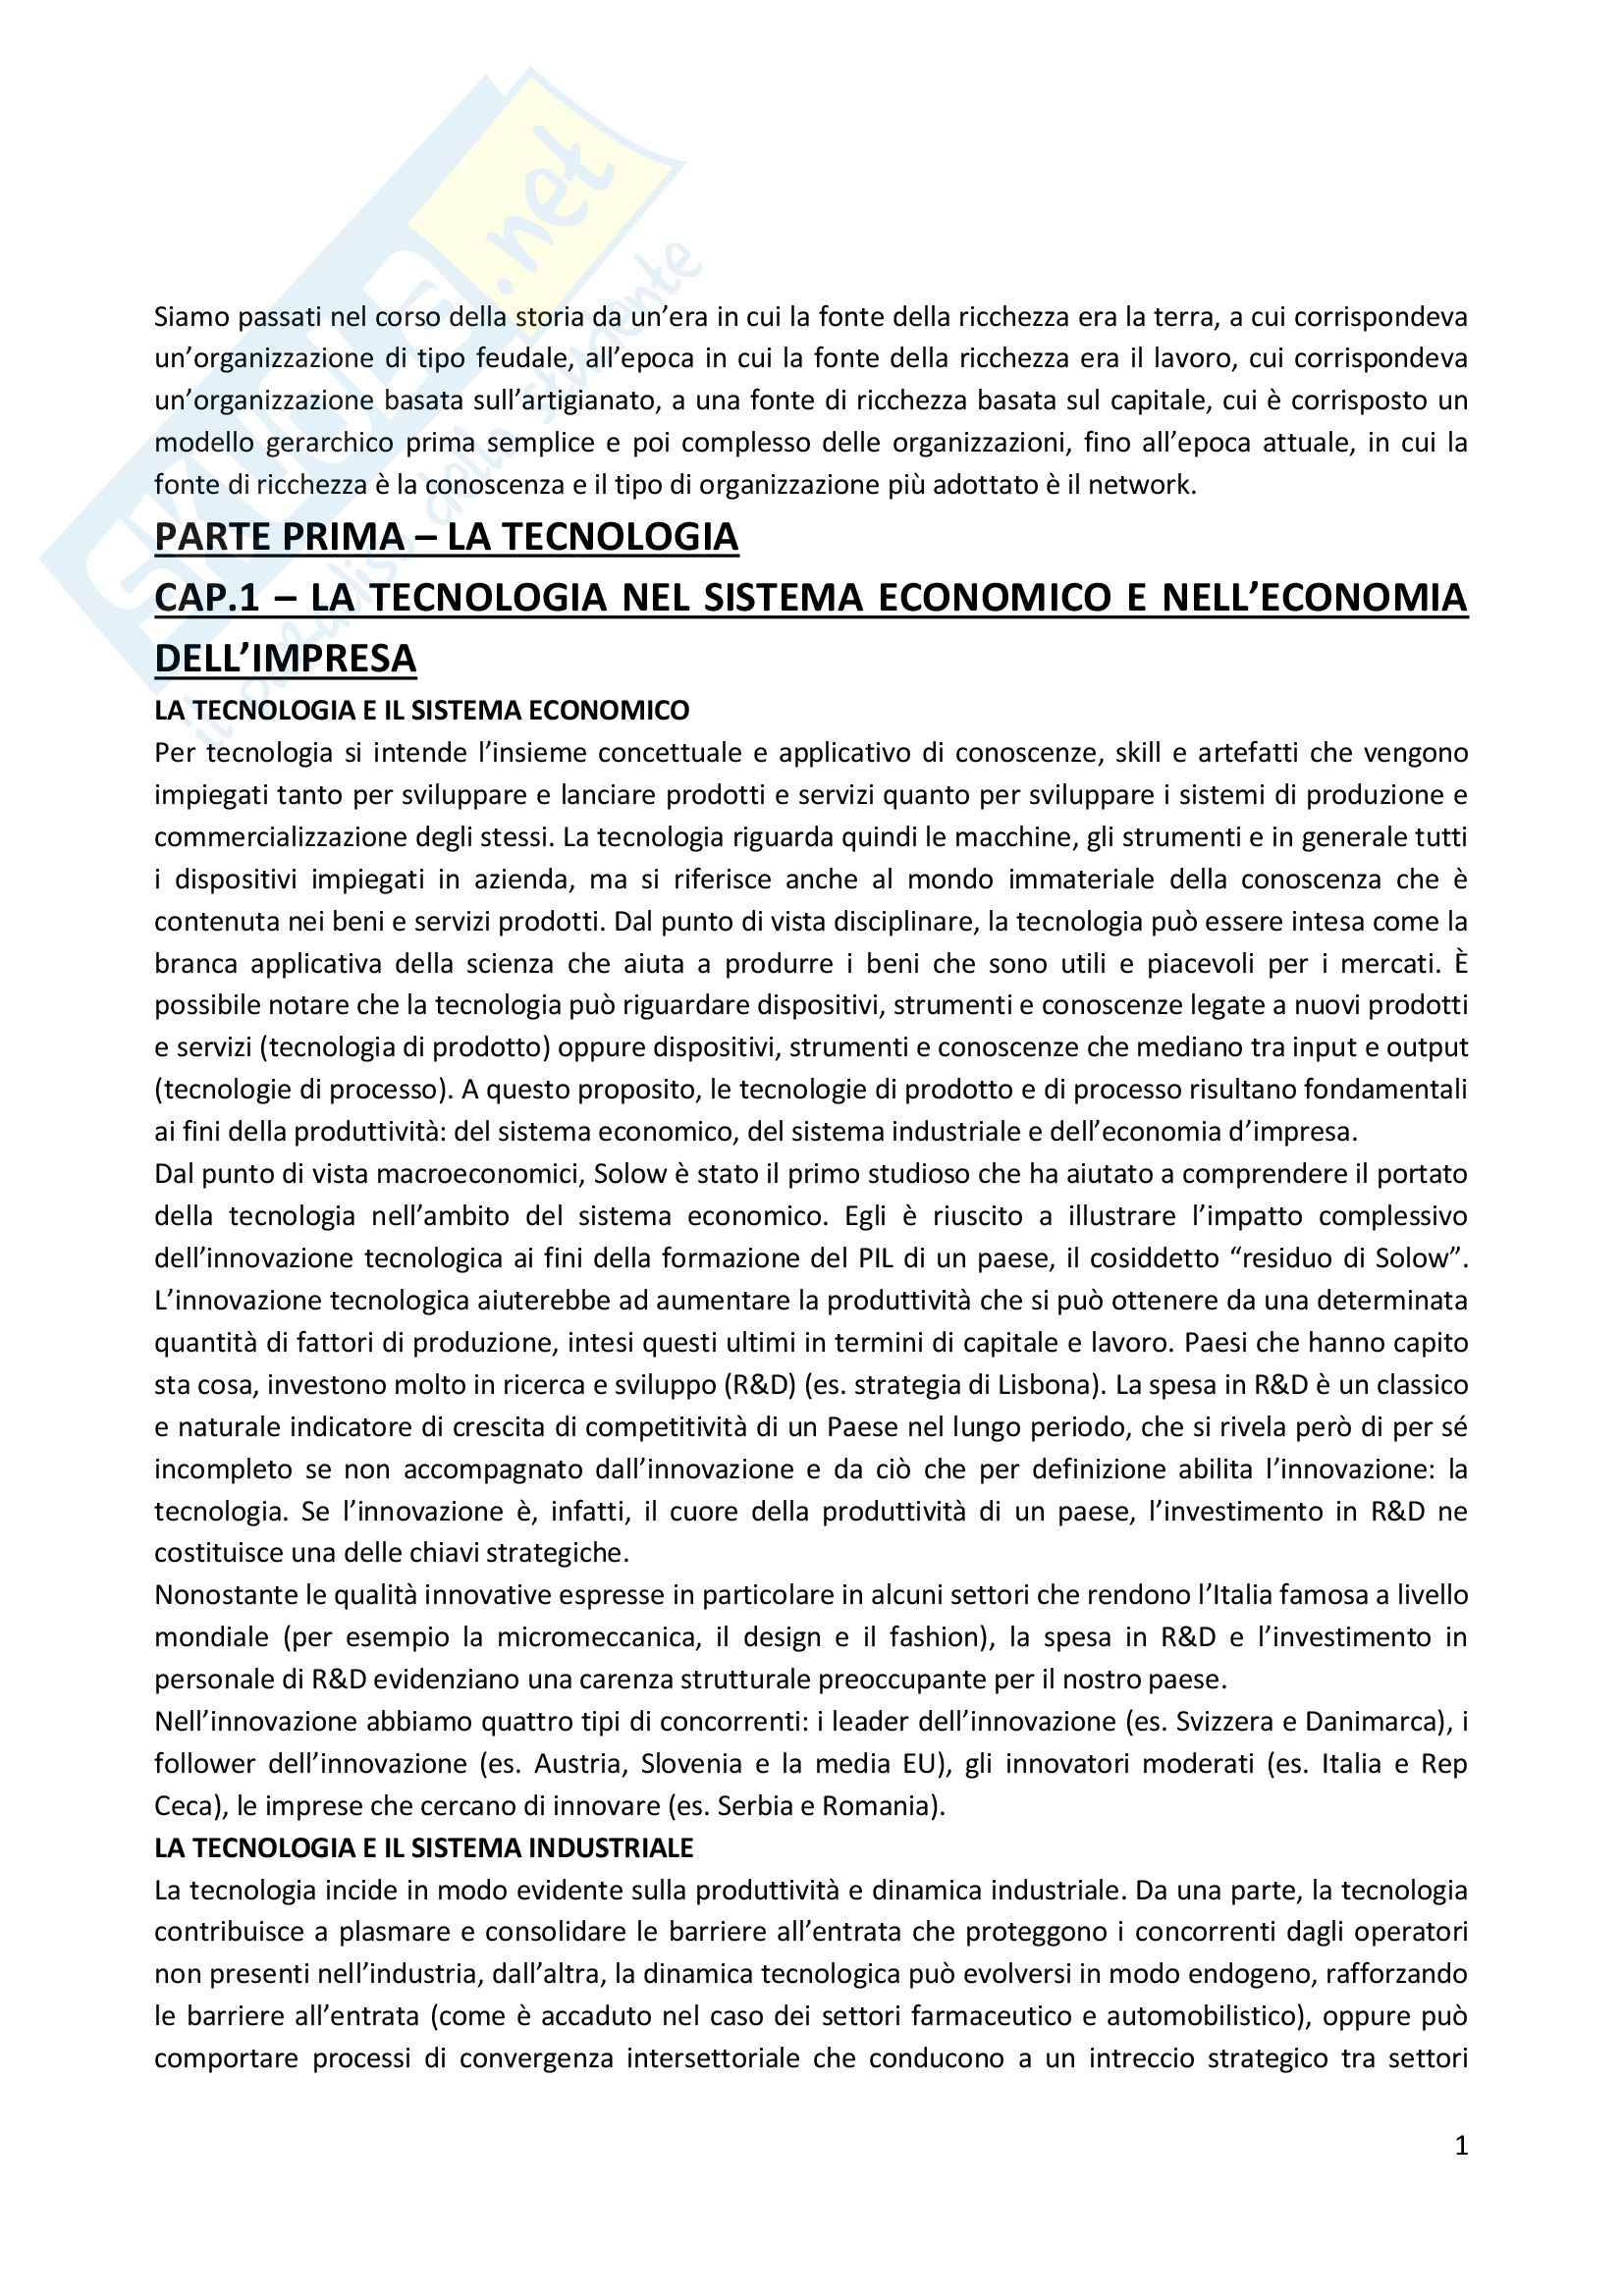 Riassunto esame Gestione della Tecnologia, prof. Vicari, libro consigliato Innovazione e Operation